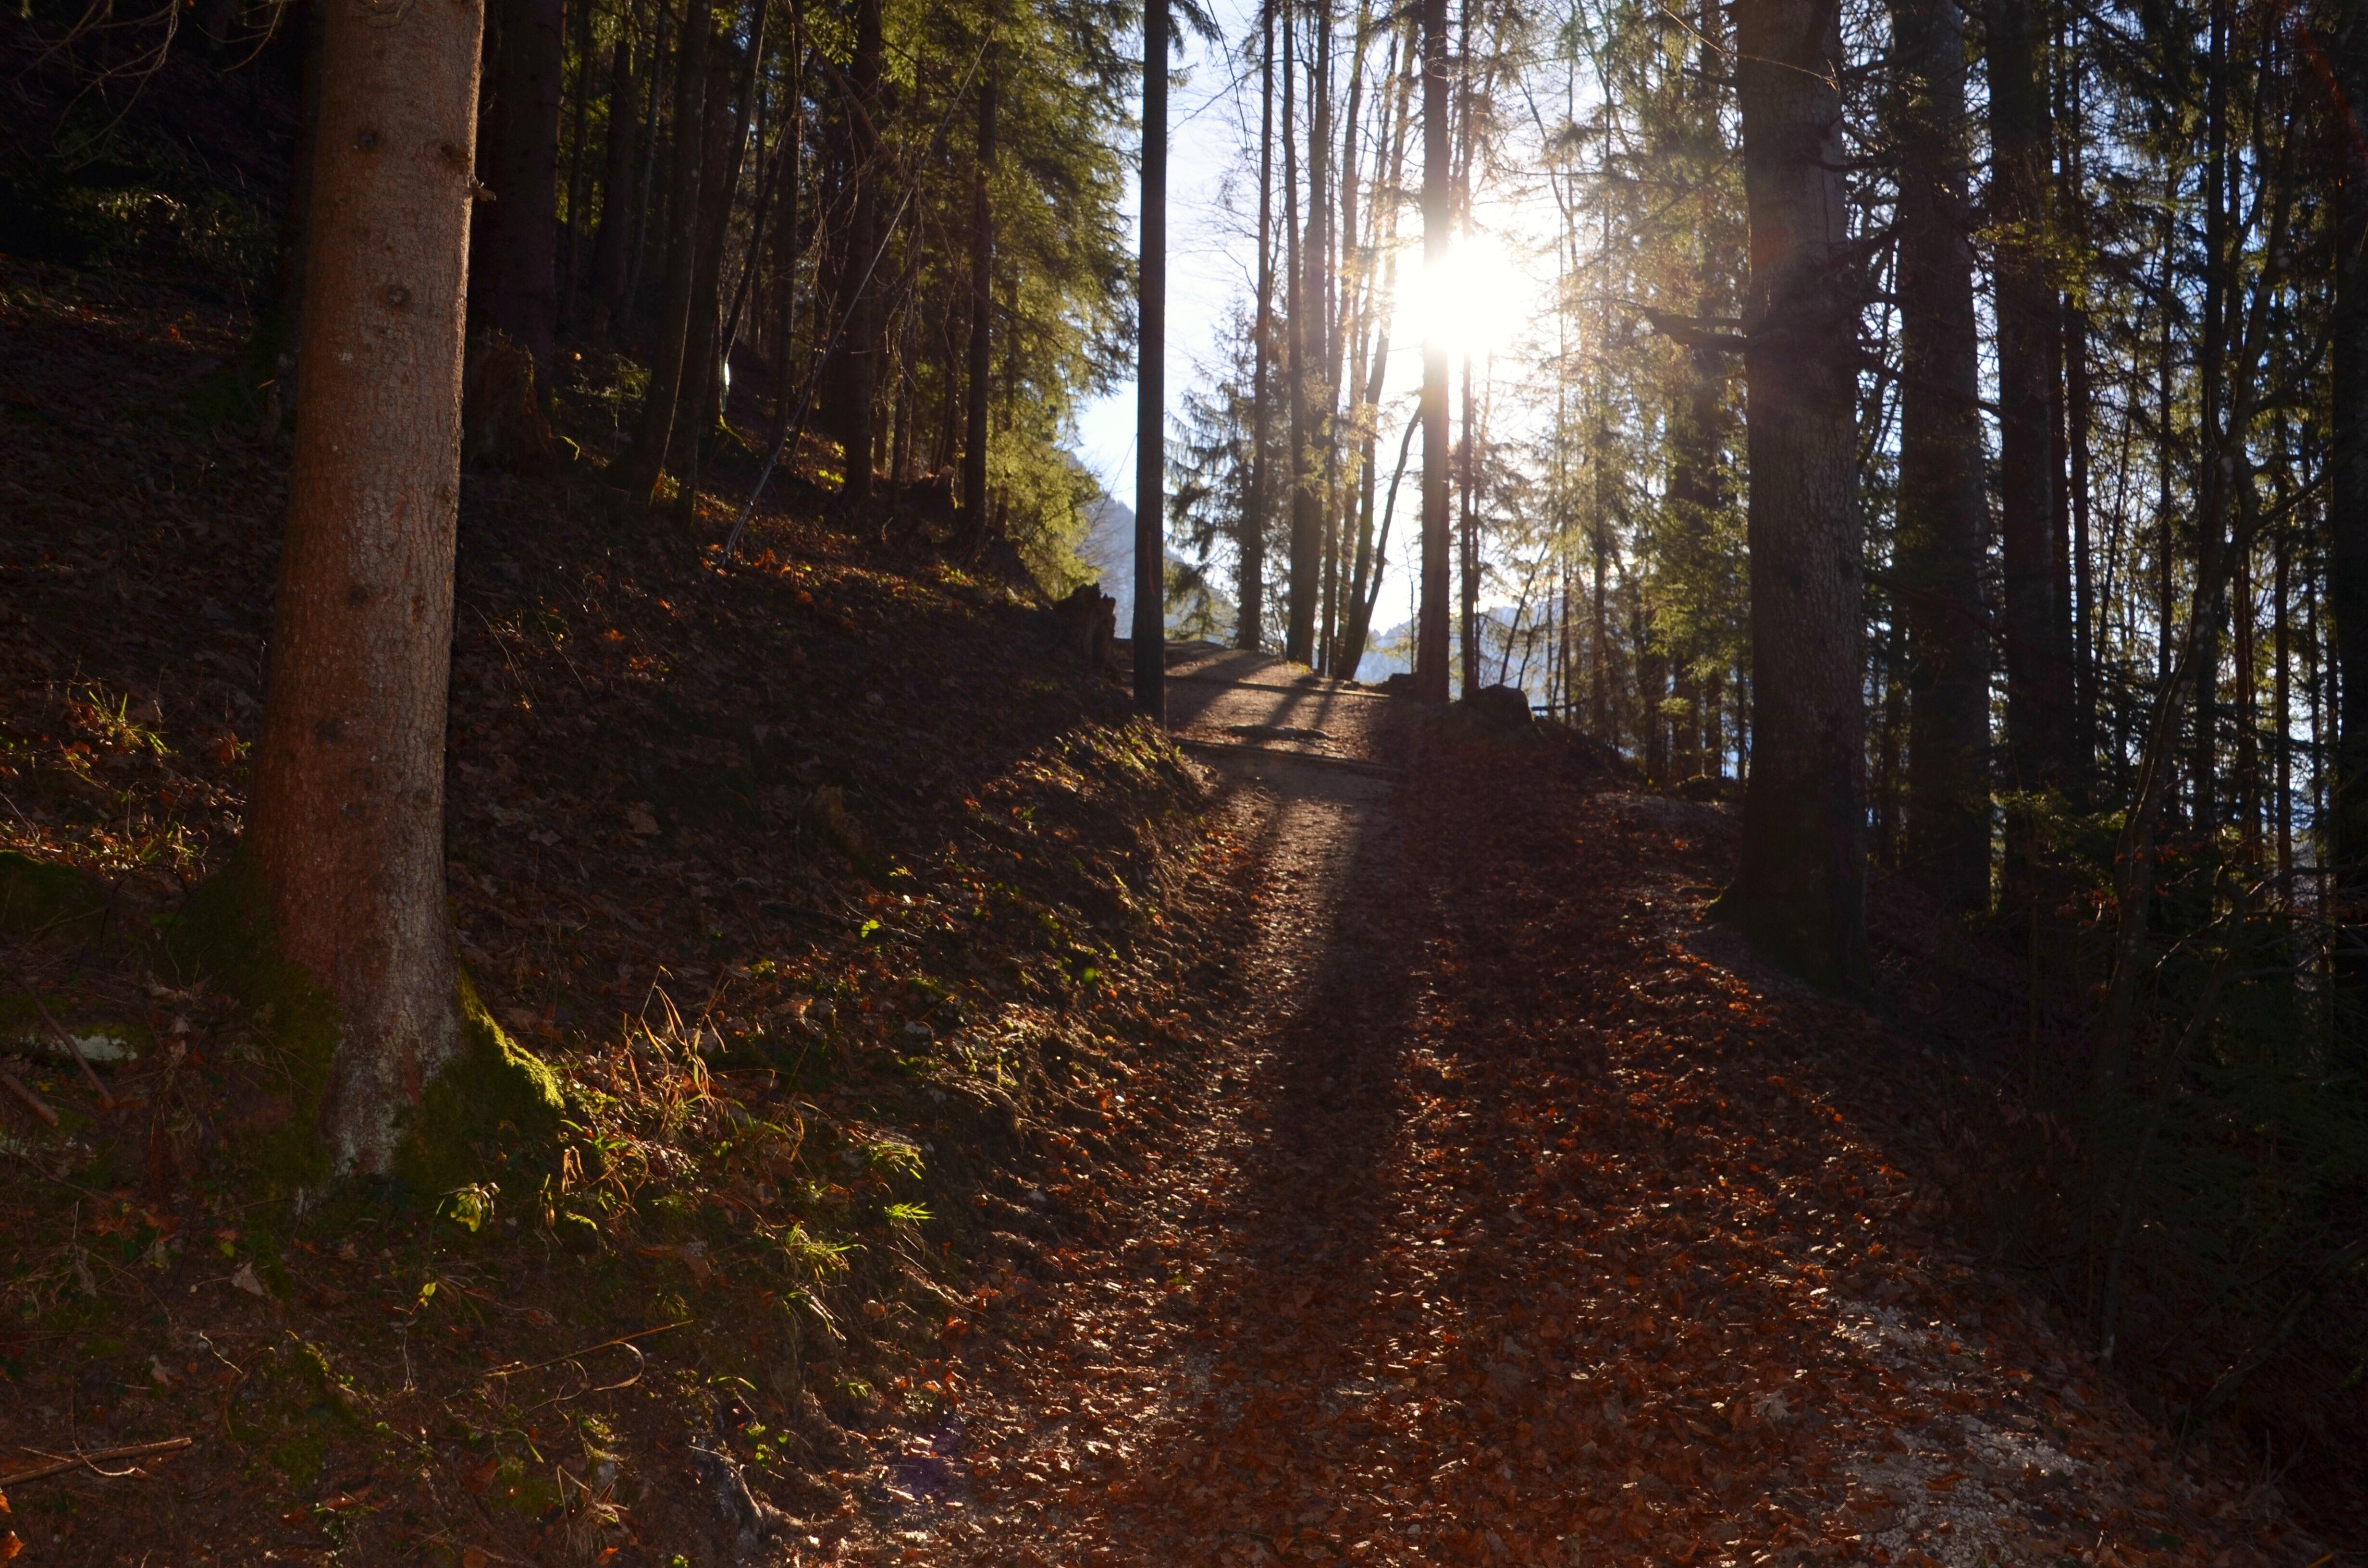 Car-von-Linde-Weg auf dem Obersalzberg: Höhenwanderung mit Blick auf Berchtesgaden